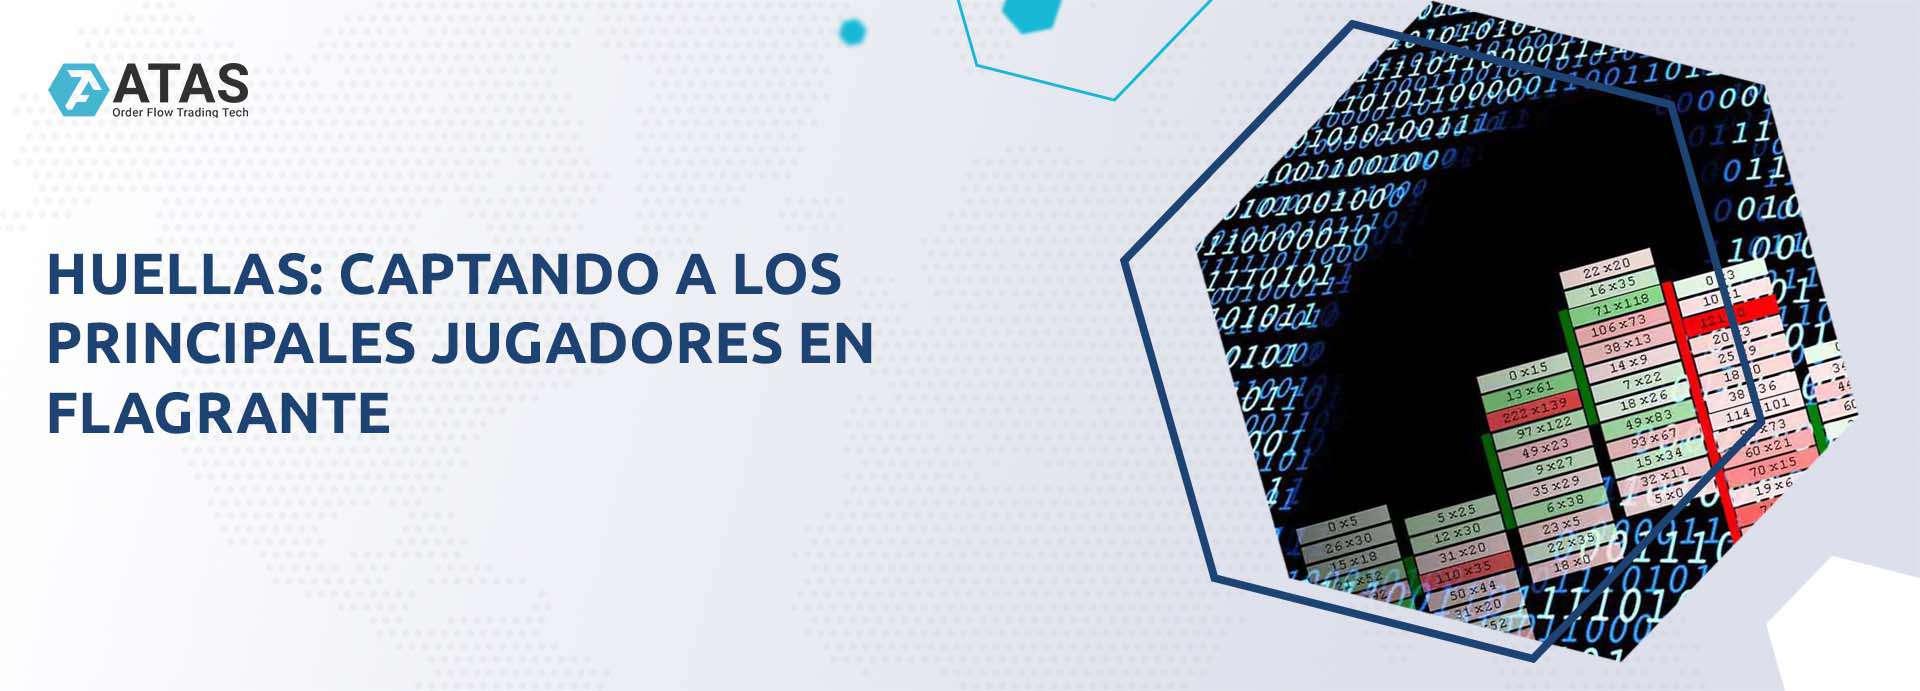 HUELLAS CAPTANDO A LOS PRINCIPALES JUGADORES EN FLAGRANTE